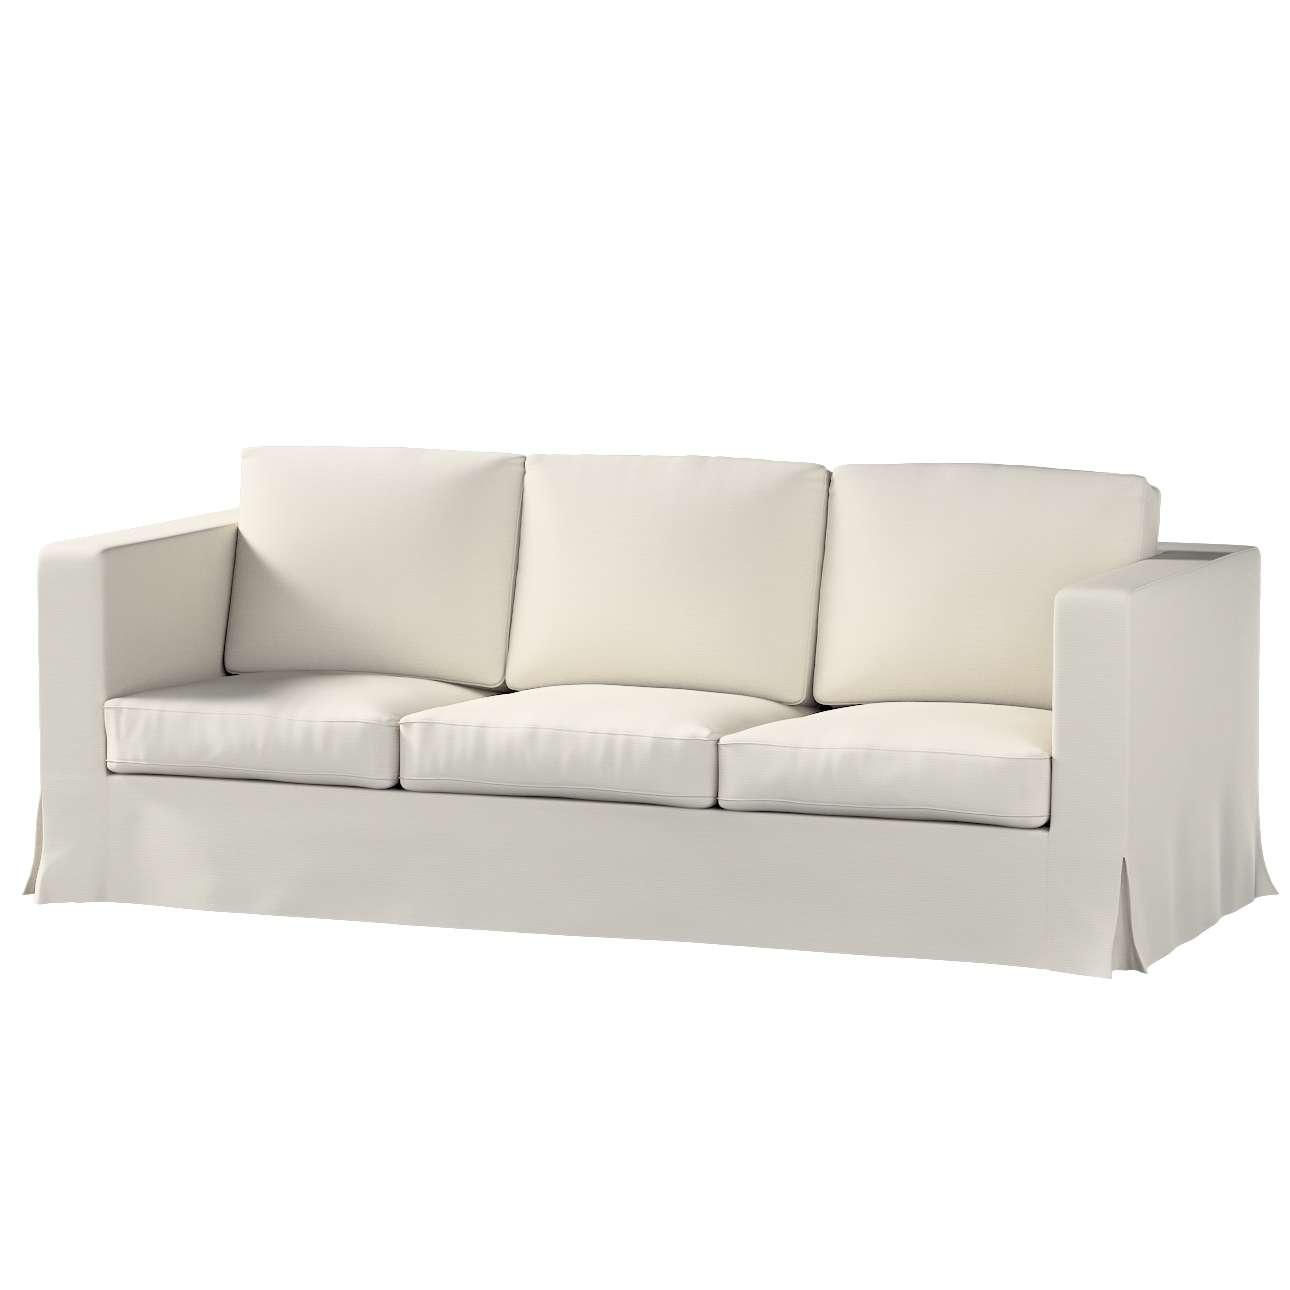 Potah na pohovku IKEA  Karlanda 3-místná nerozkládací, dlouhý pohovka Karlanda 3-os v kolekci Cotton Panama, látka: 702-31